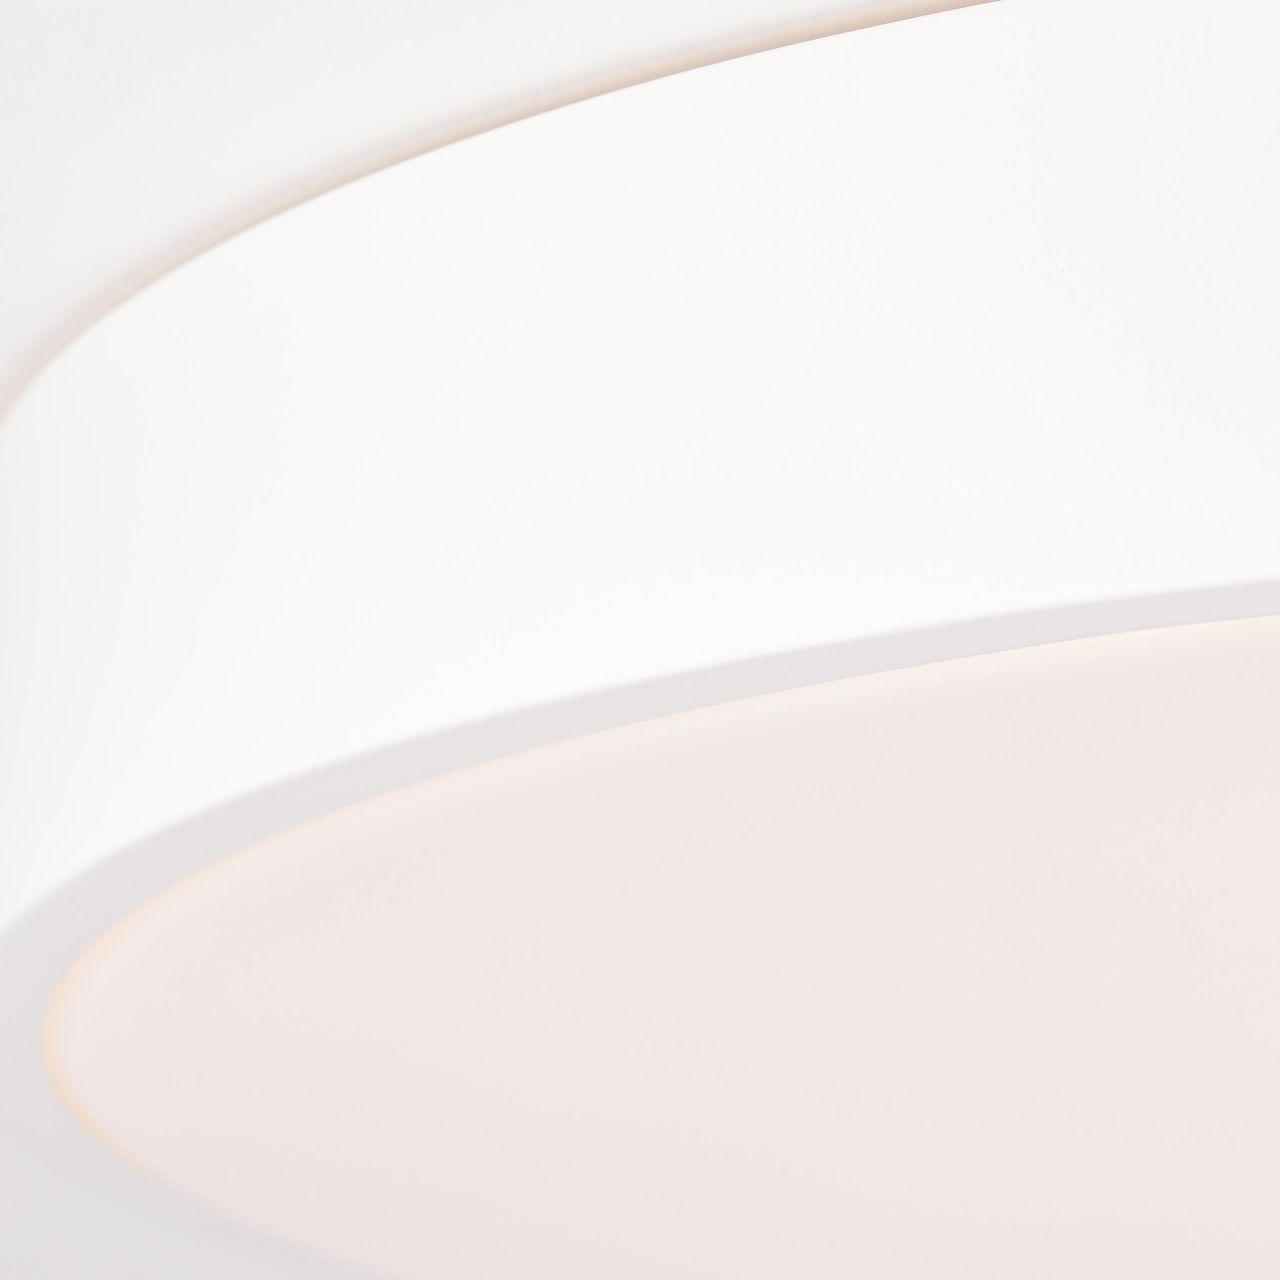 Brilliant Leuchten Deckenleuchten, Slimline LED Wand- und Deckenleuchte 49cm sand/weiß